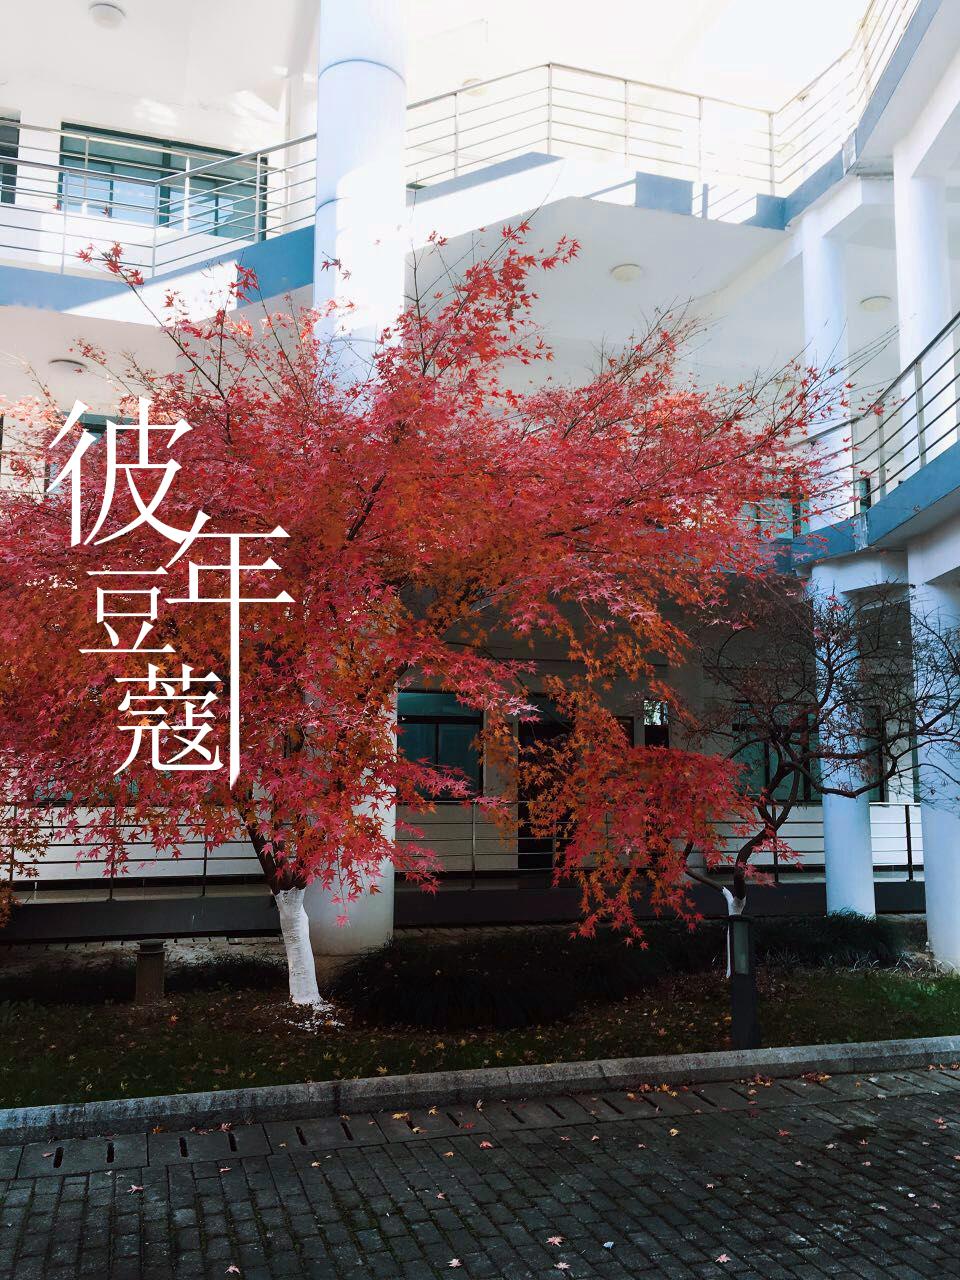 原谅(cover:刘瑞琦)